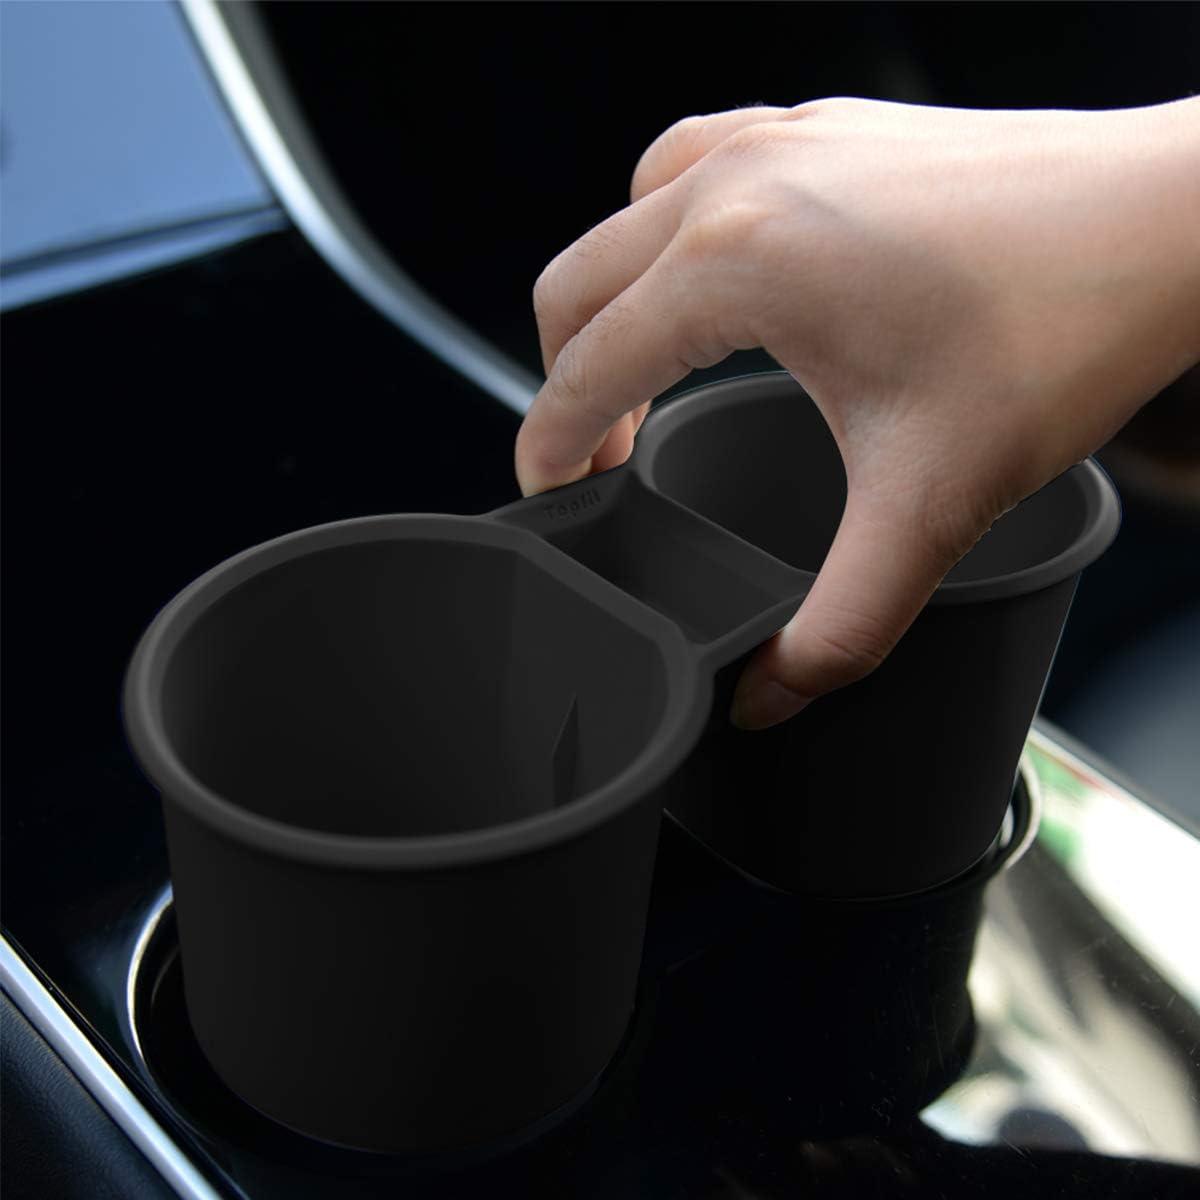 Topfit Model 3 Mittelkonsole Silikon Becherhalter Wasser Becherhalter Flaschenst/änder einsetzen Innenvordersitzbecher Organizer Zubeh/ör f/ür Model 3